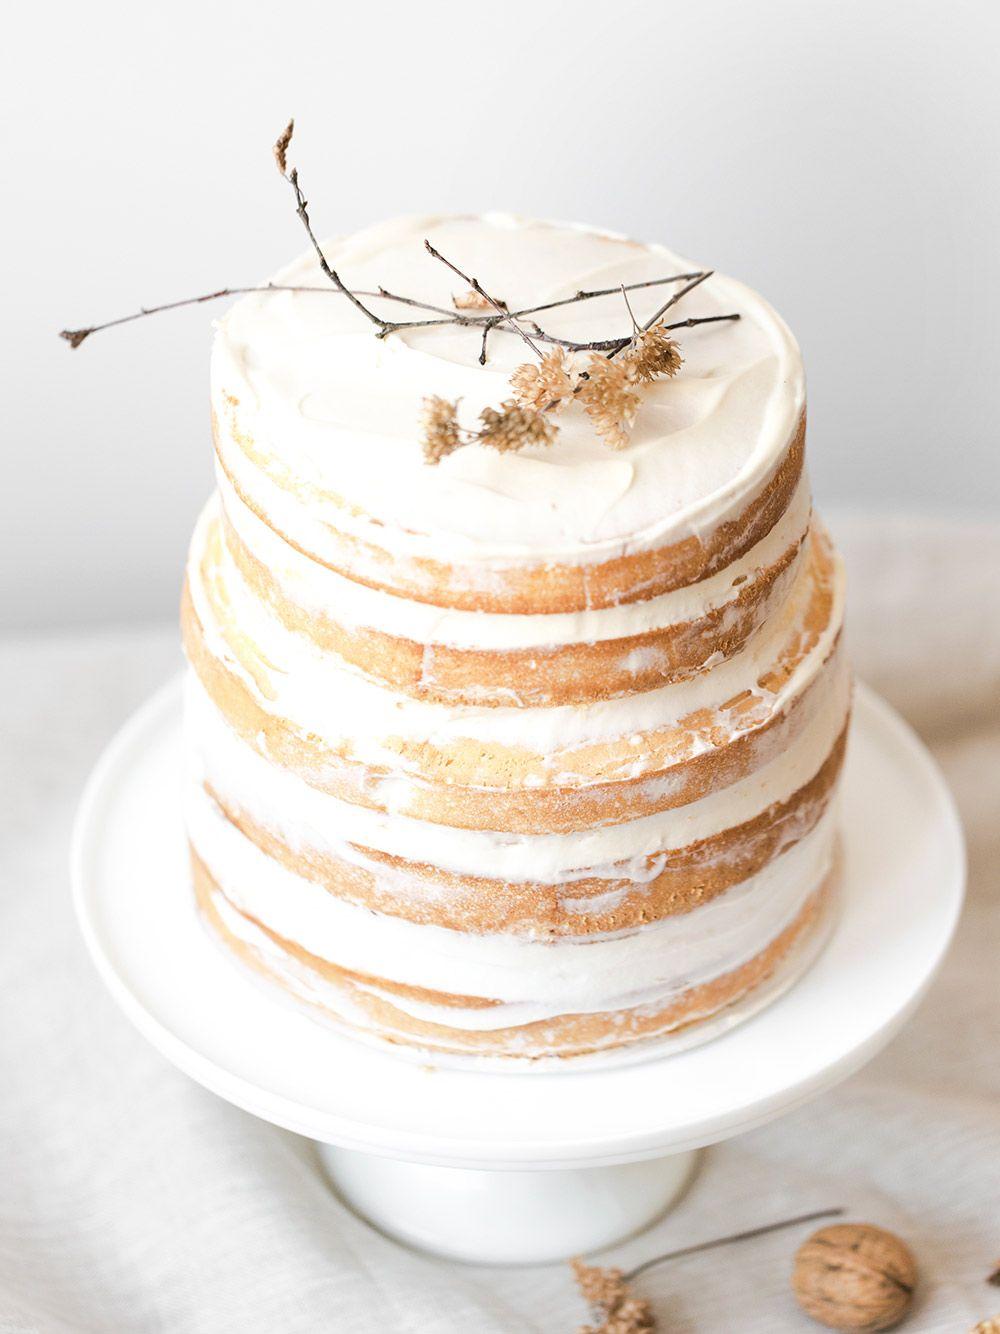 Naked cake exotique sans gluten, fruits de la passion et coco.